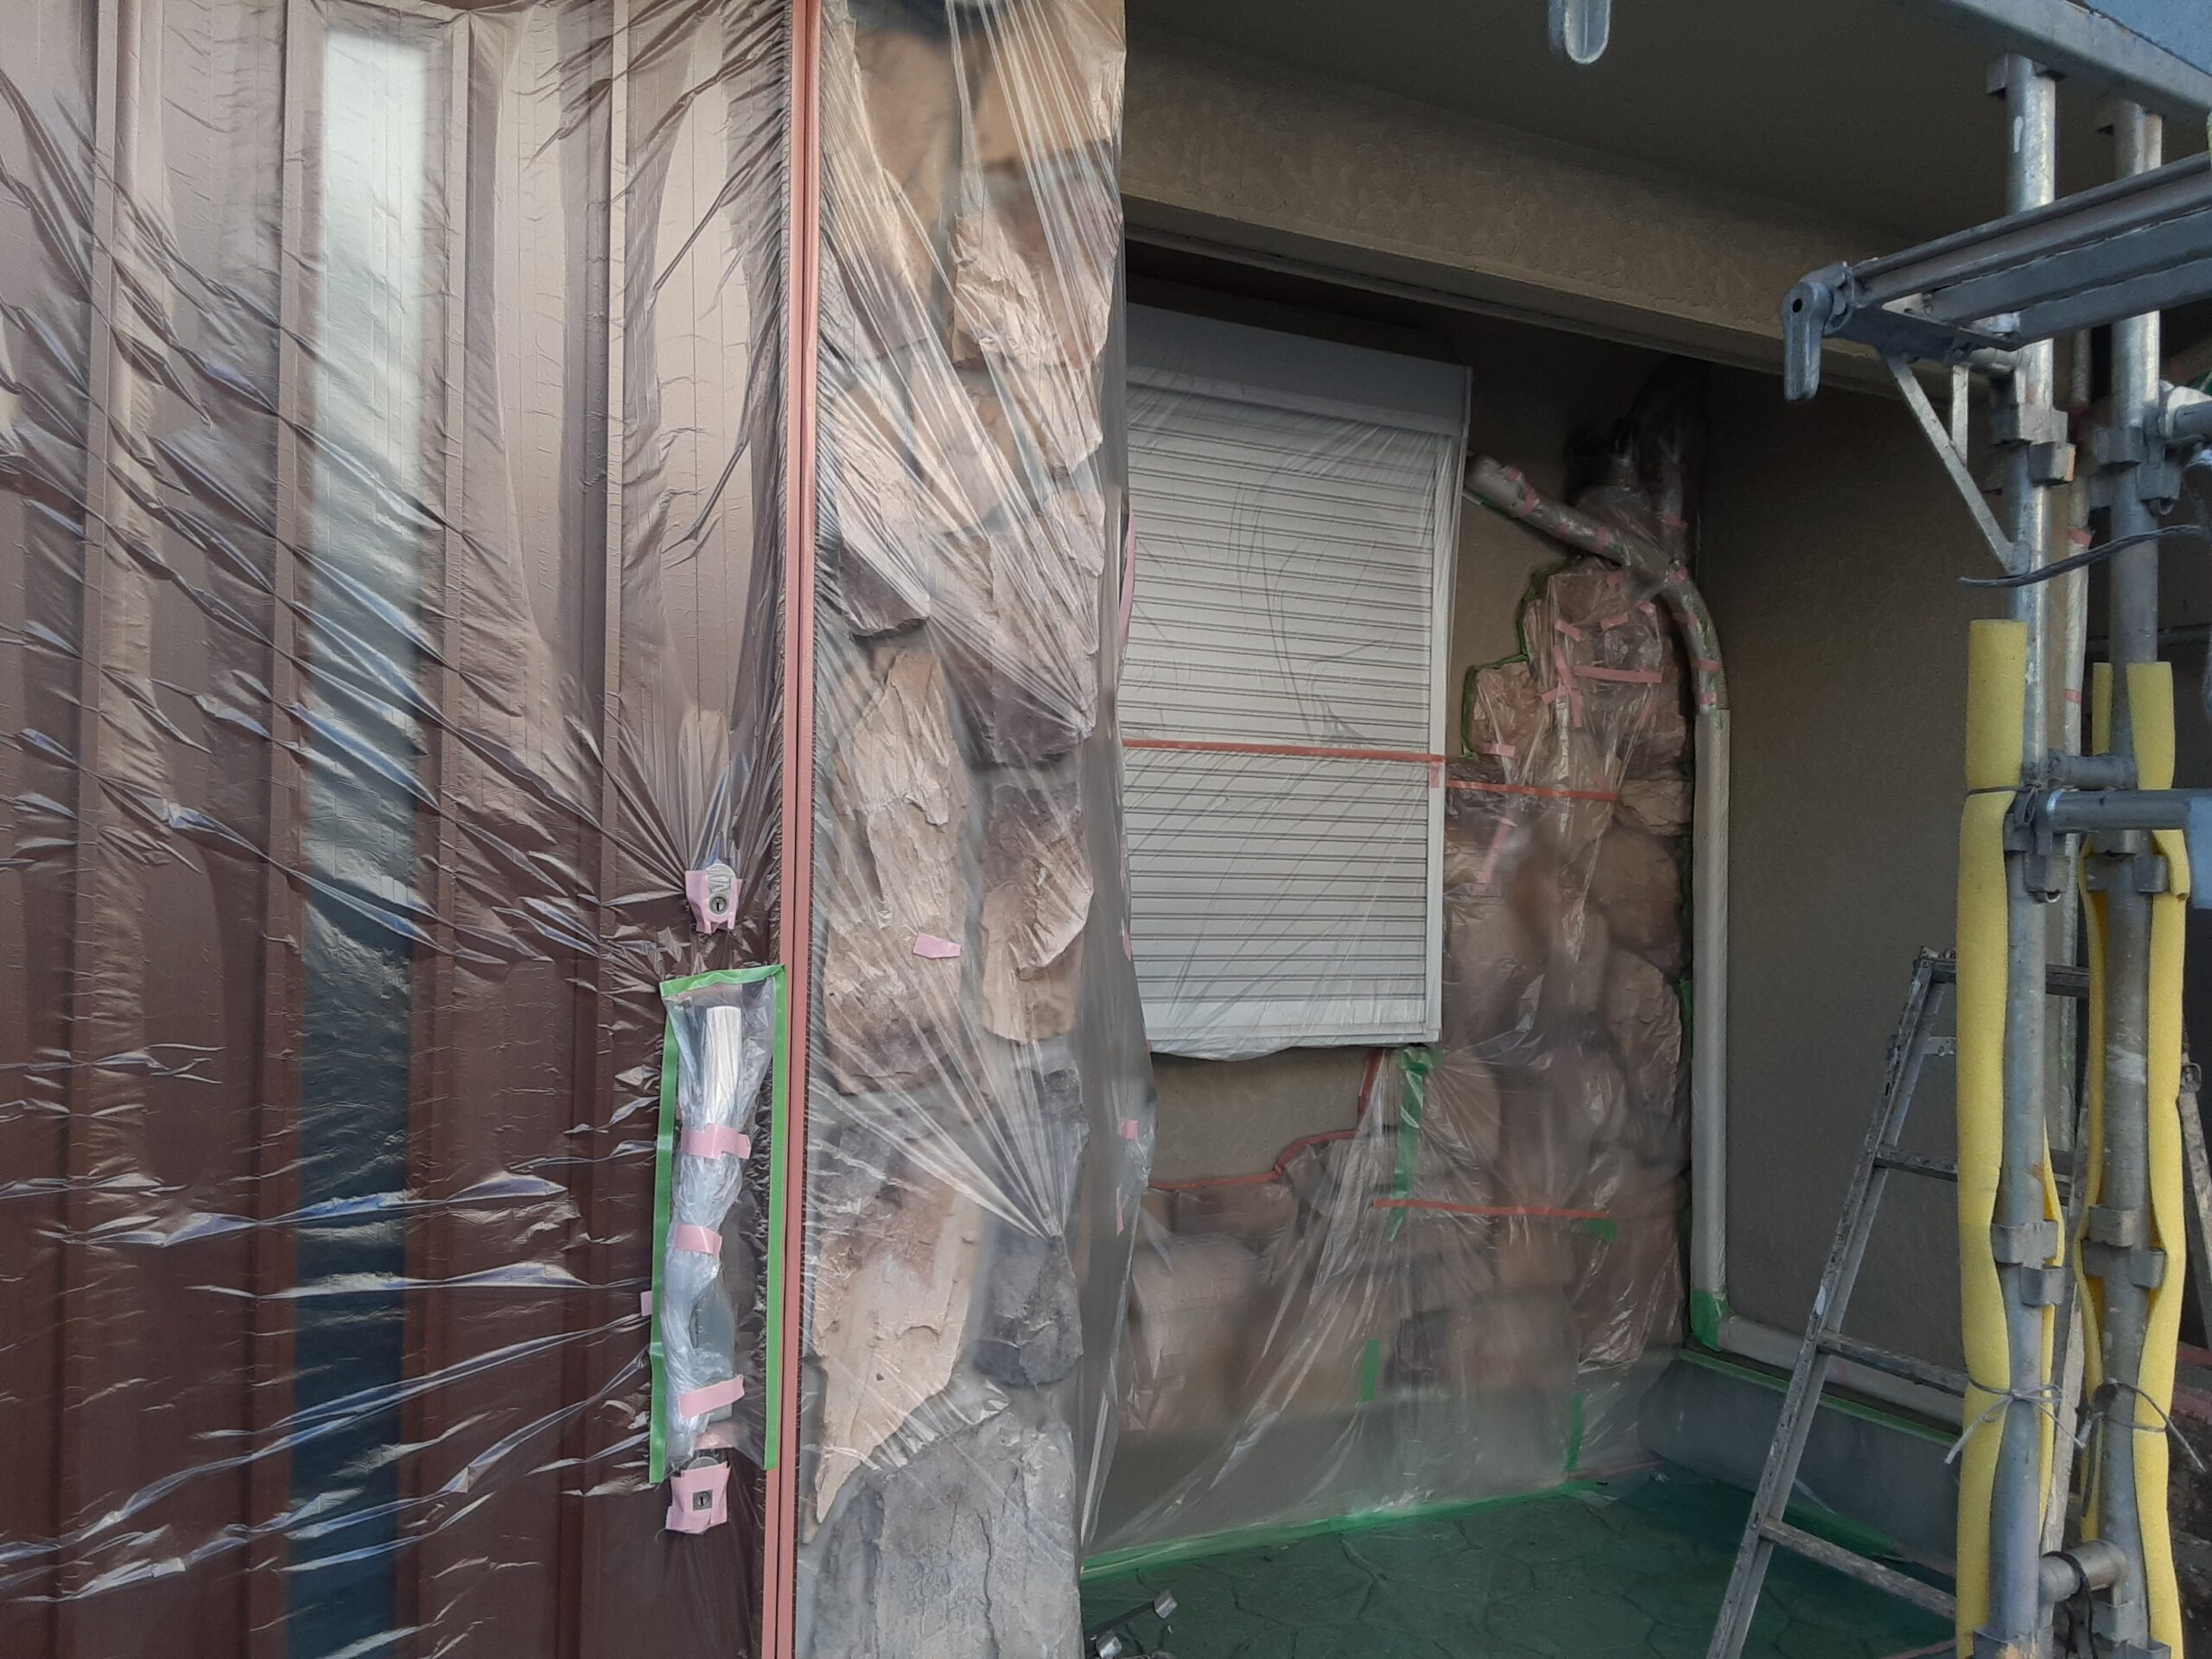 埼玉県さいたま市桜区(木造3階建て)W様邸にて屋根塗装・外壁の養生作業